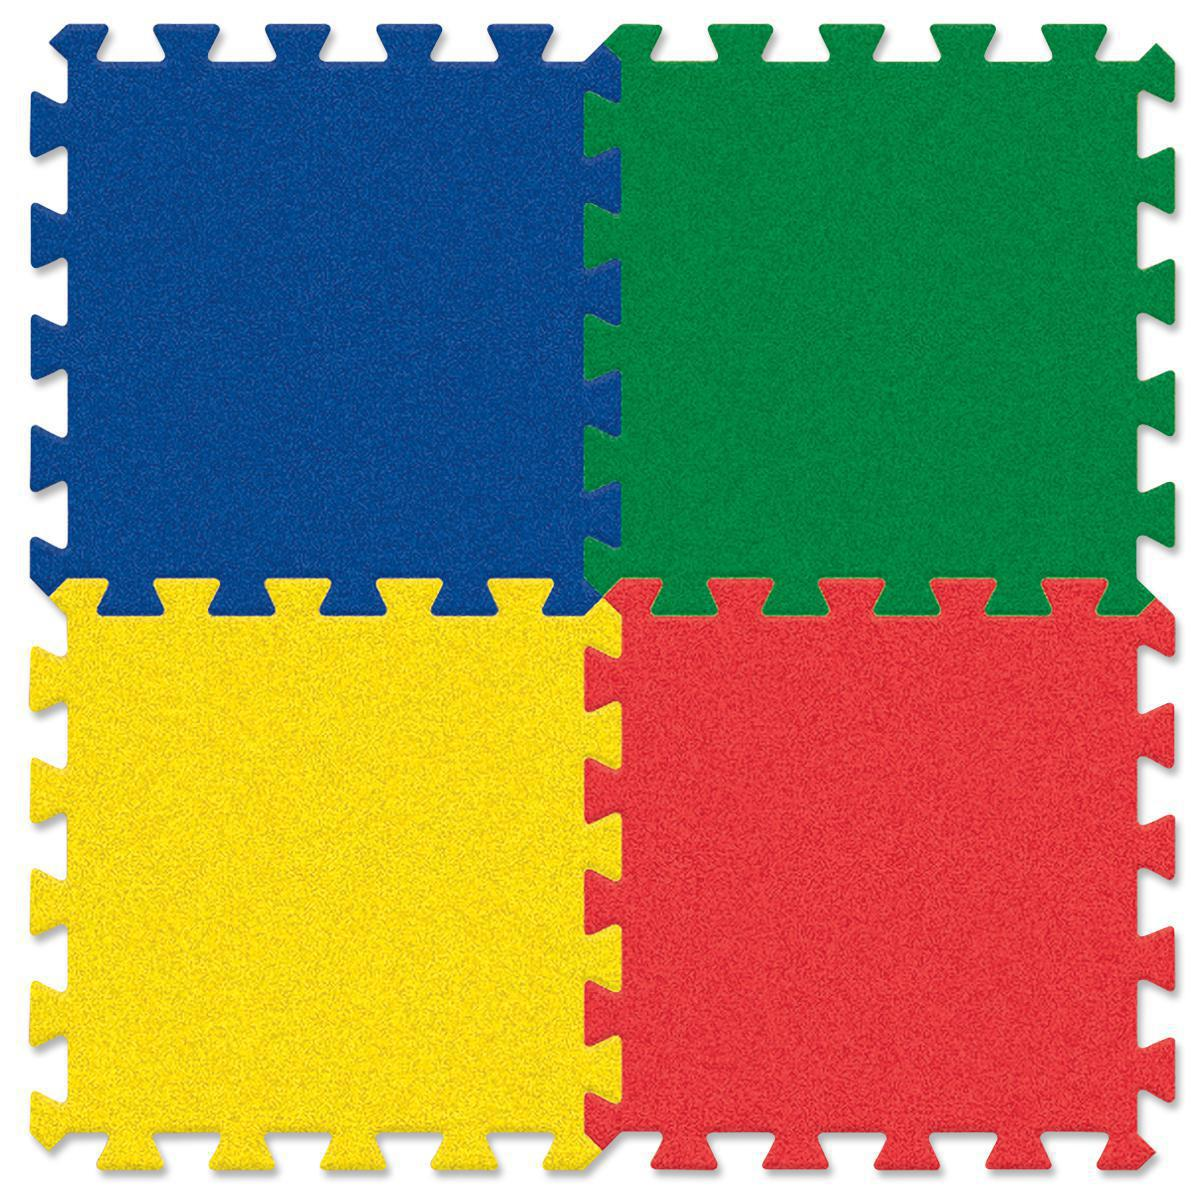 WonderFoam Carpet Squares